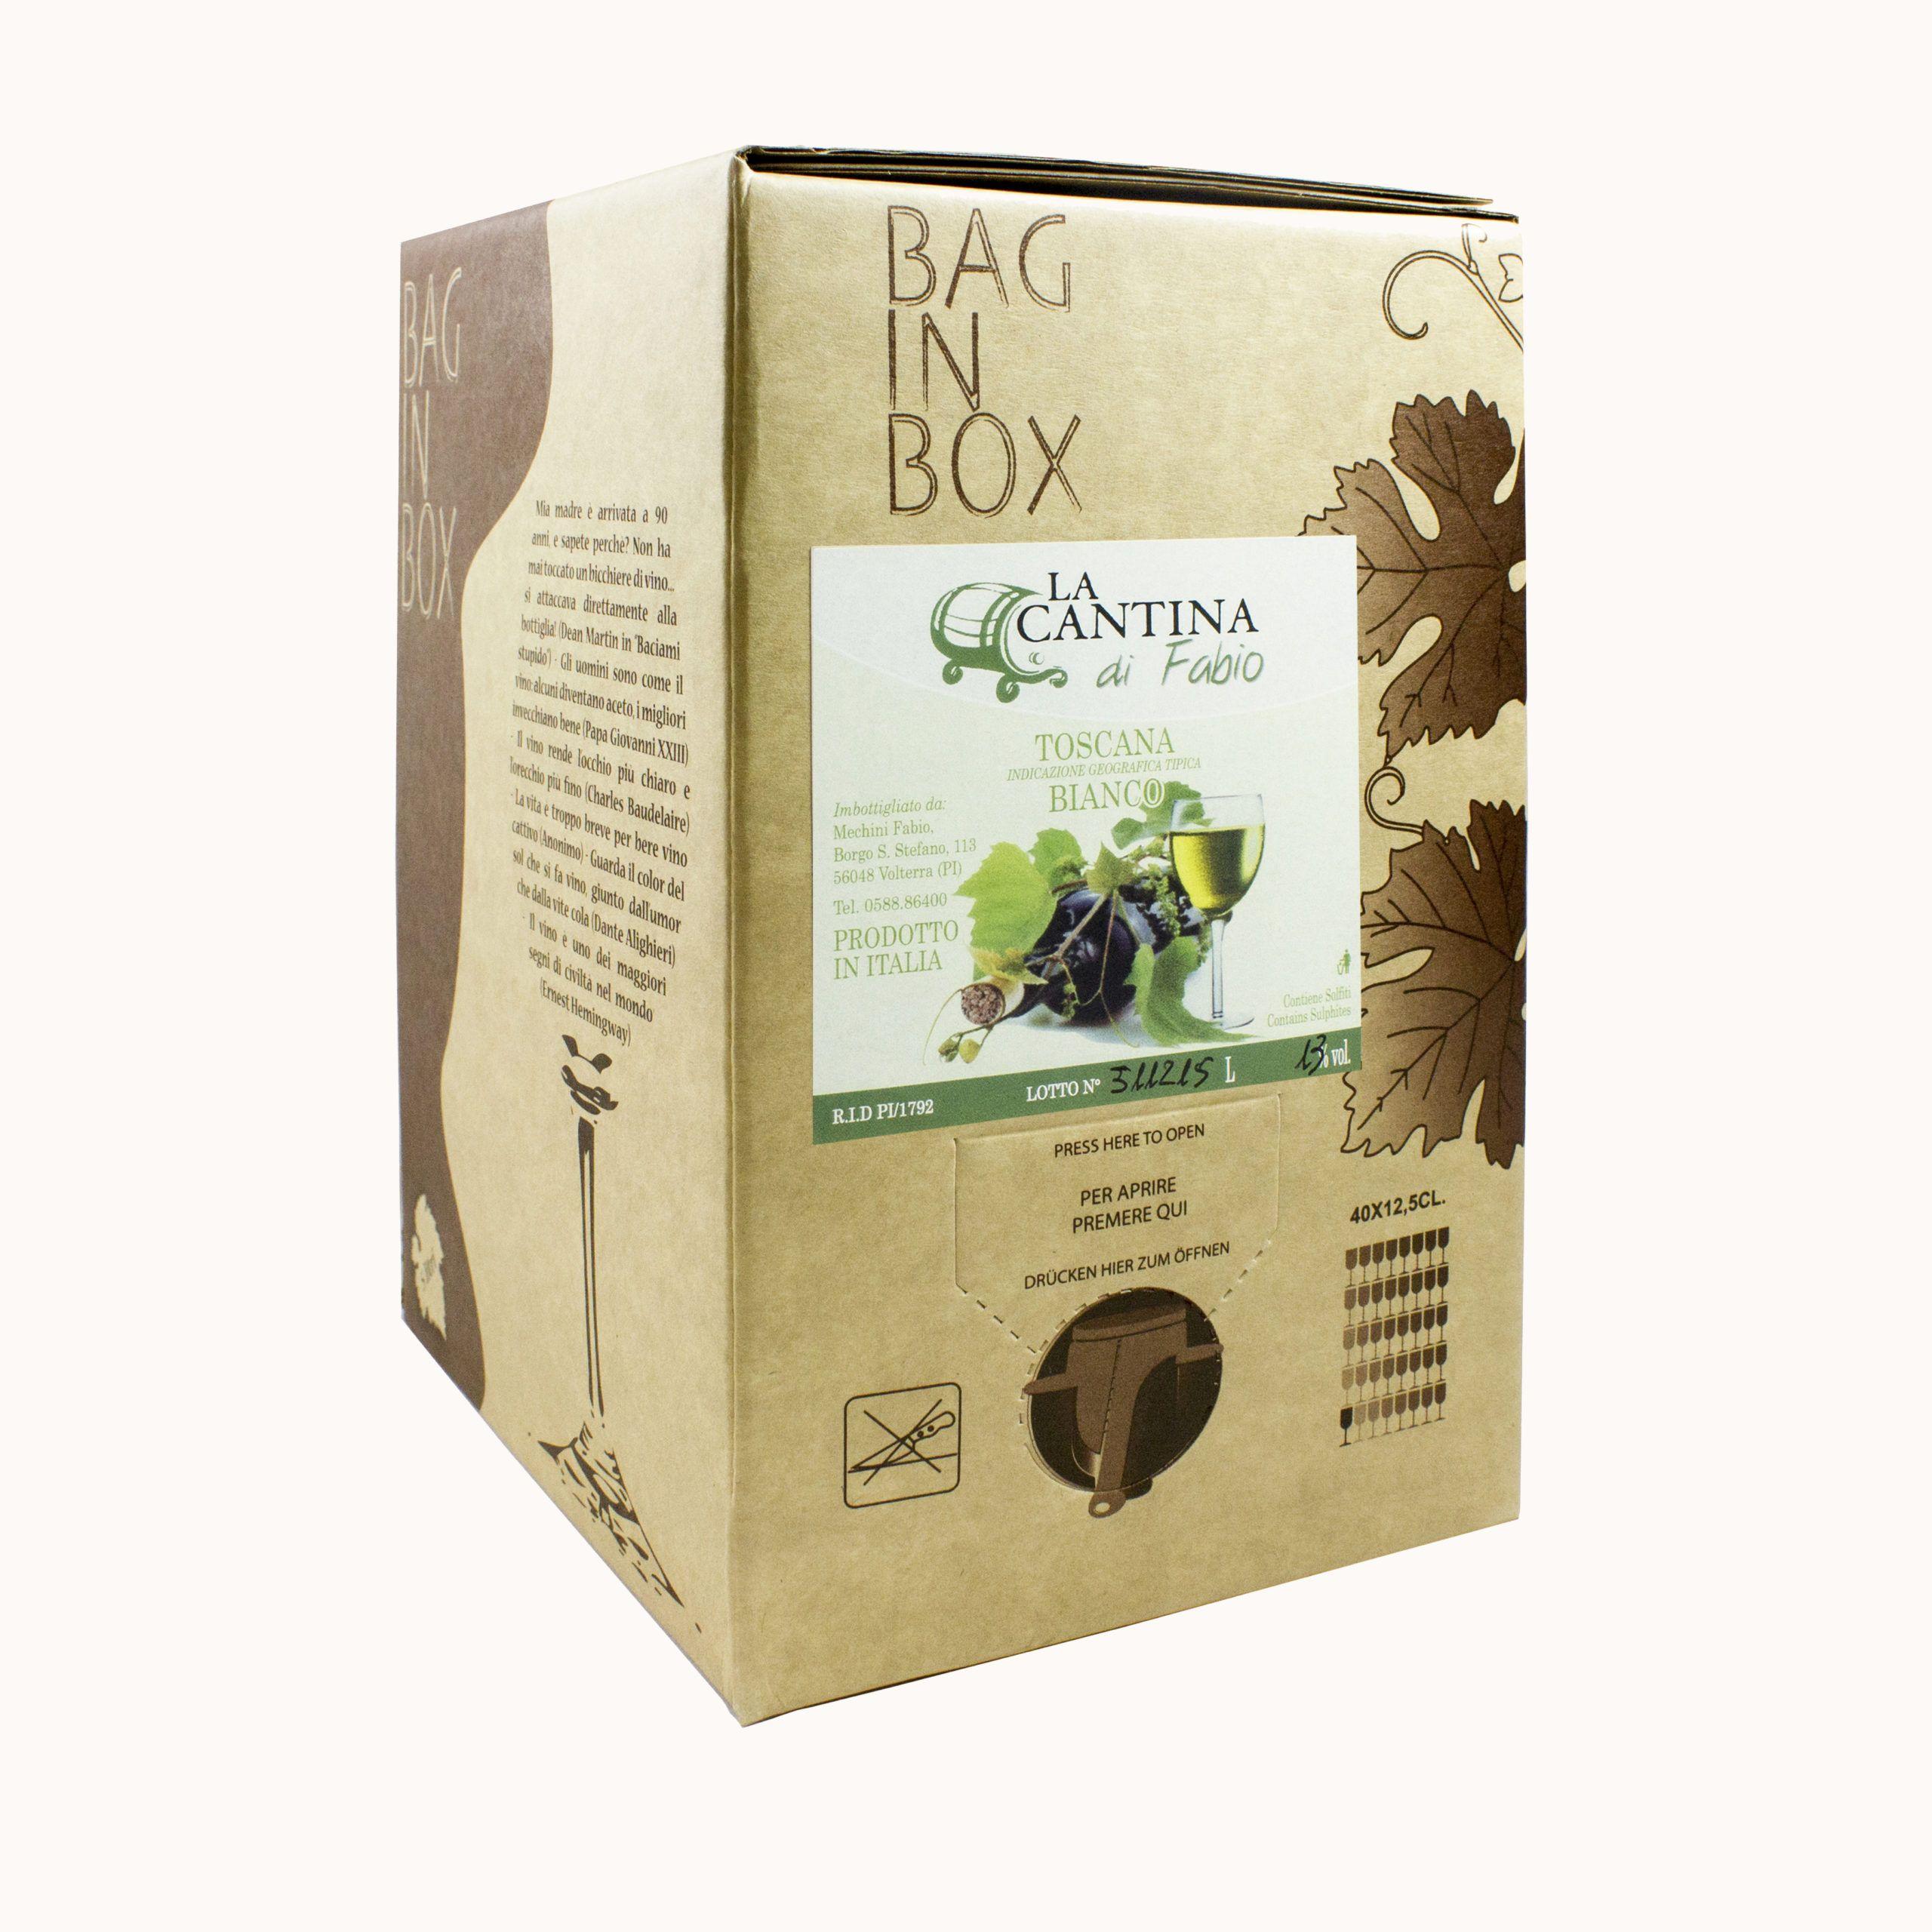 Bag in Box Vino Bianco IGT de La Cantina di Fabio